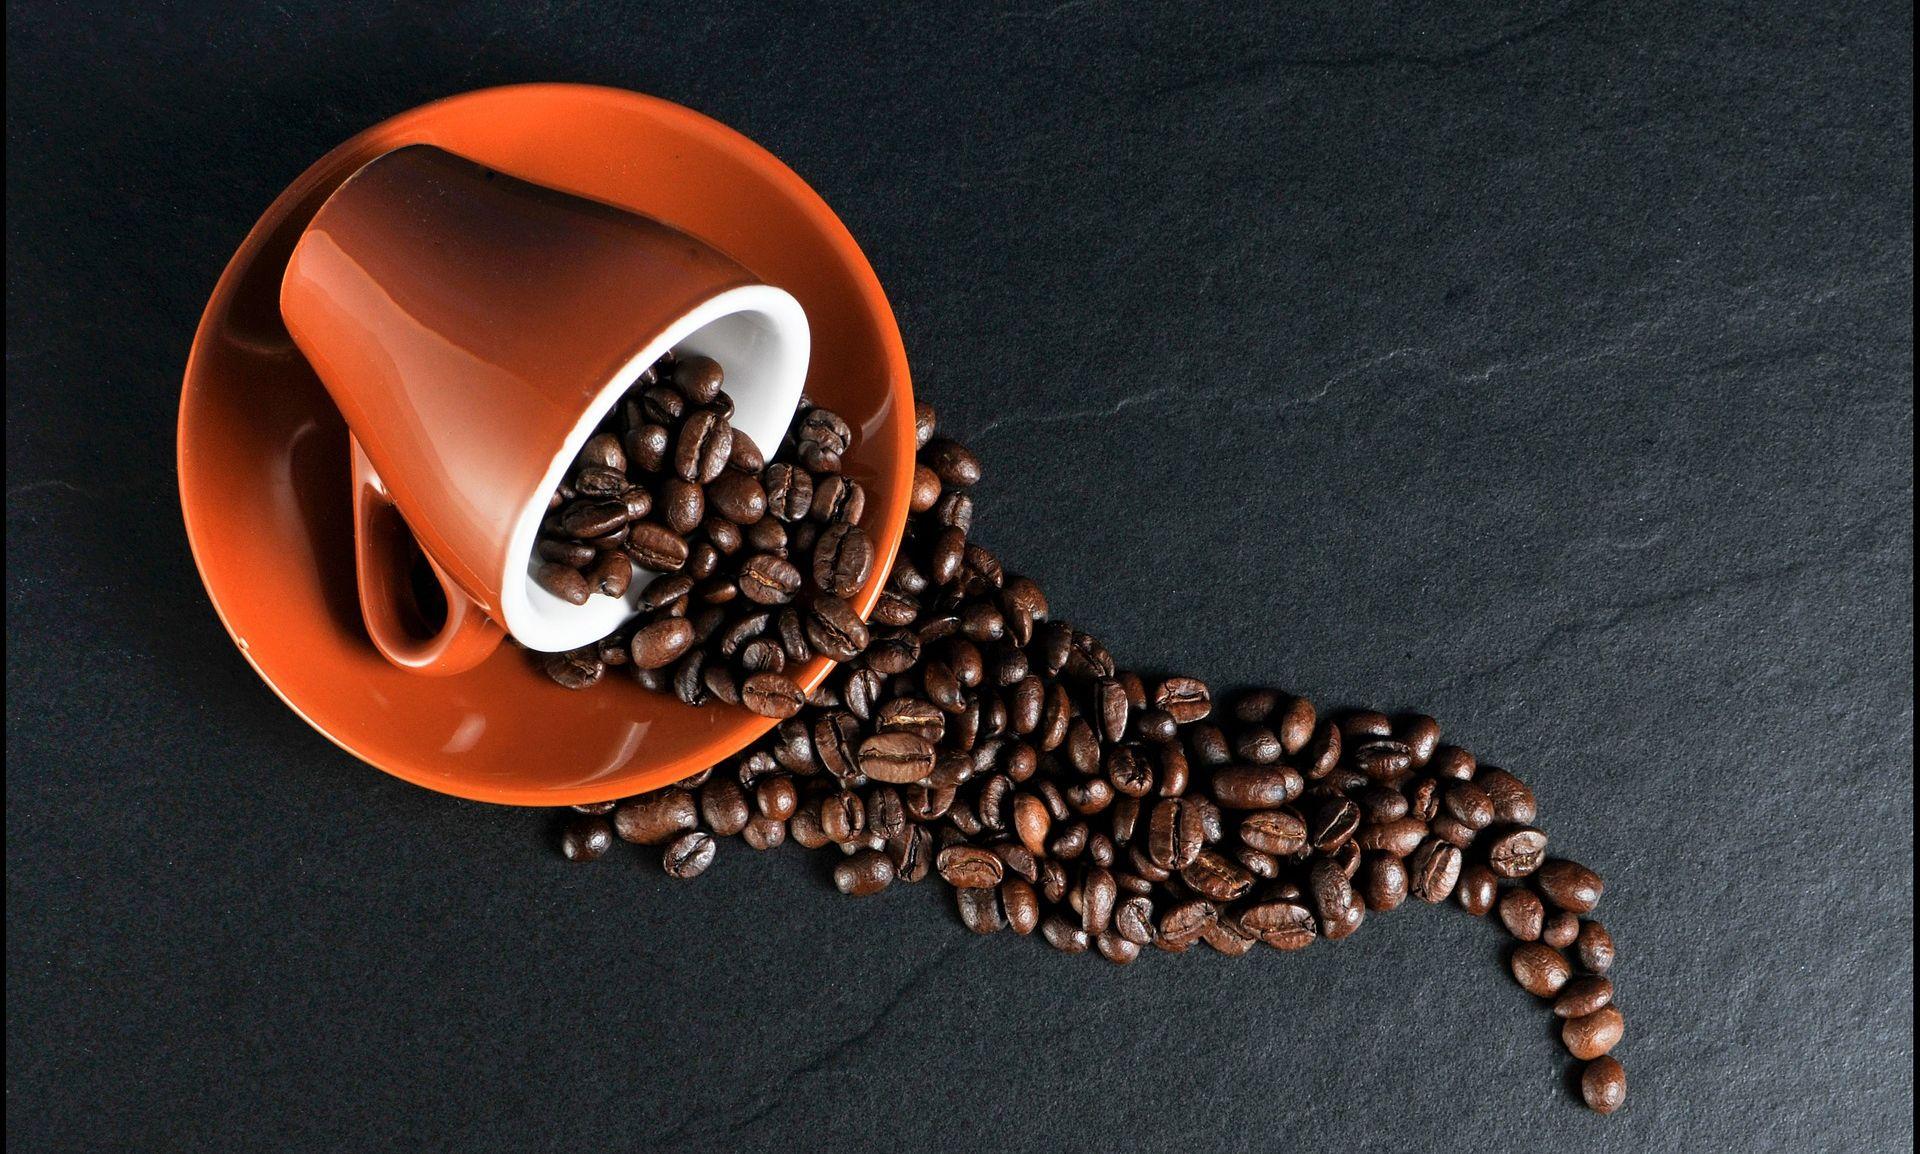 ZAŠTITNI UČINAK Kavom protiv raka debelog crijeva